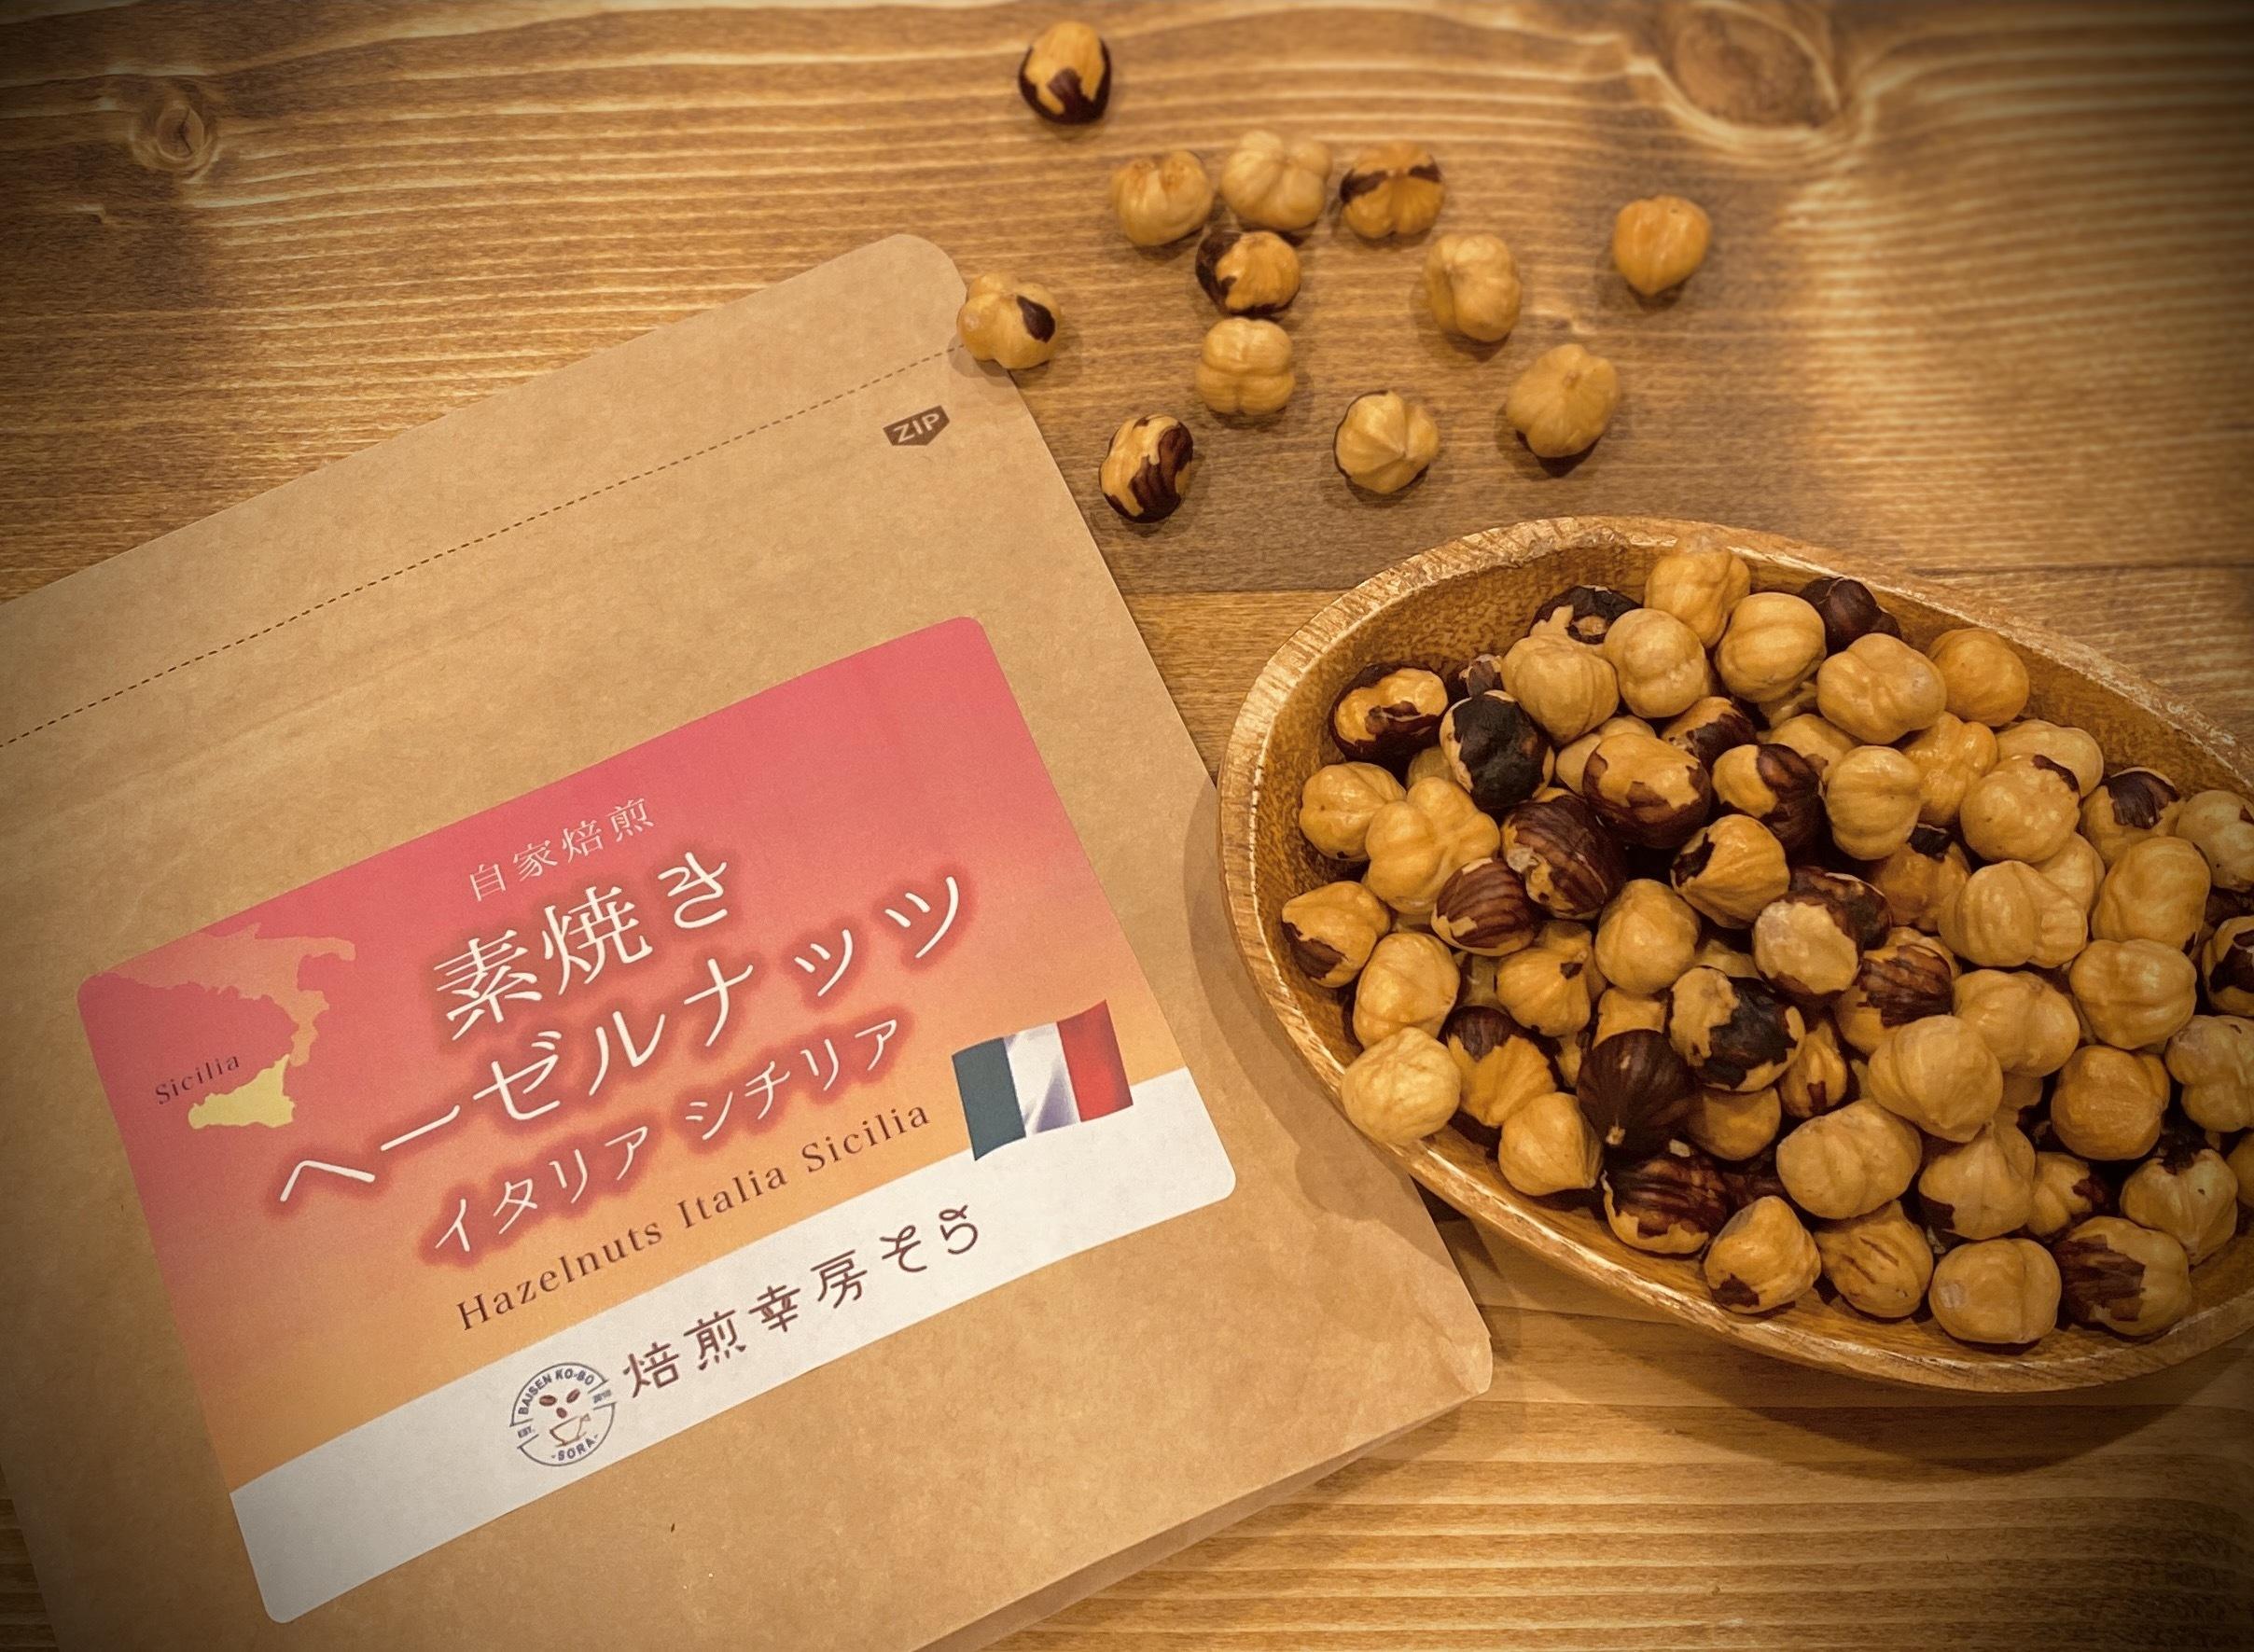 イタリア シチリア産 ヘーゼルナッツ 200g 無塩・無添加 注文後自家焙煎 素煎りナッツ